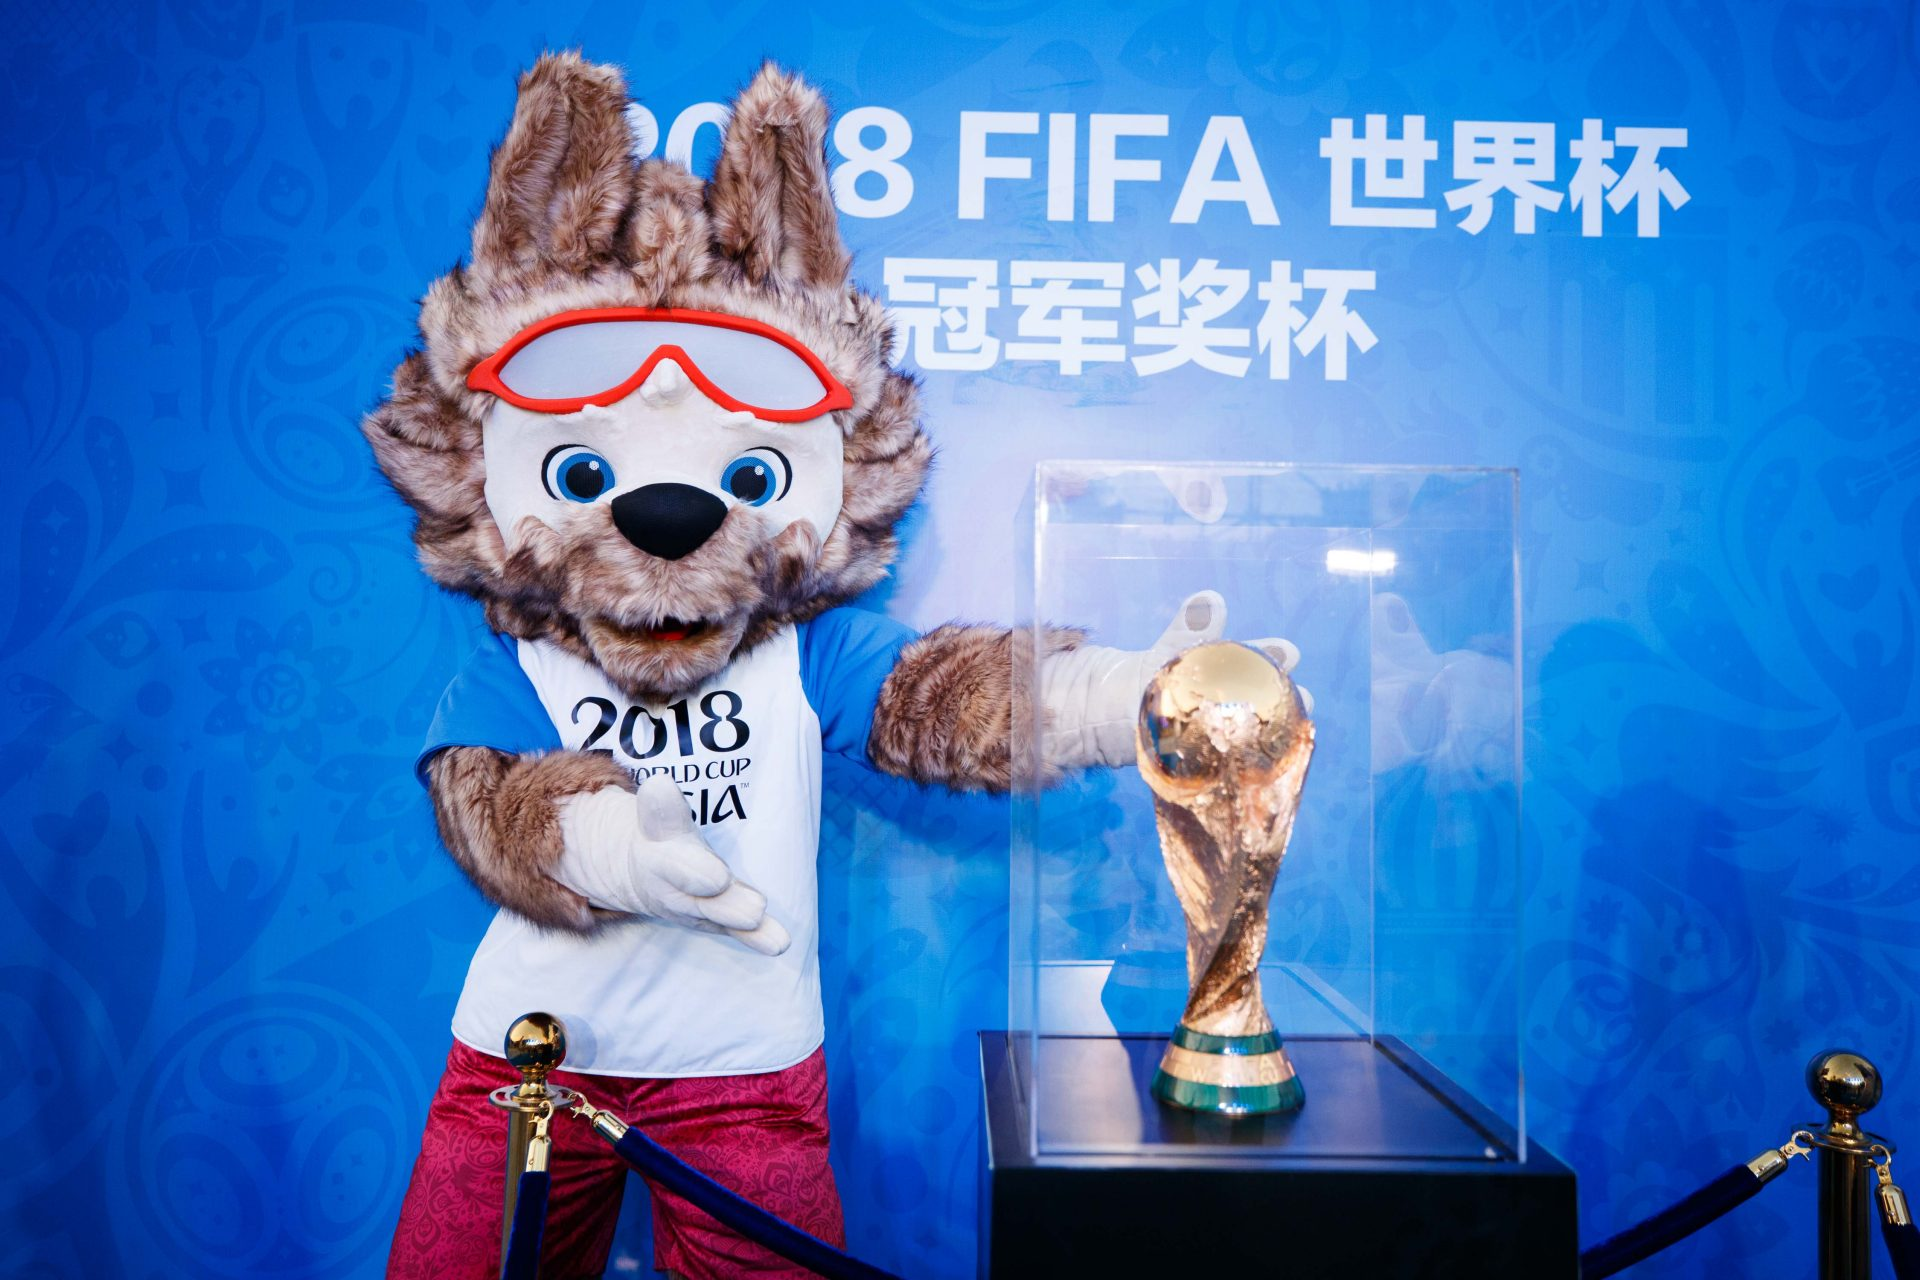 Les smartphones chinois Vivo partenaires de la Coupe du Monde de football 2018 en Russie. (Source : Vivo Global)